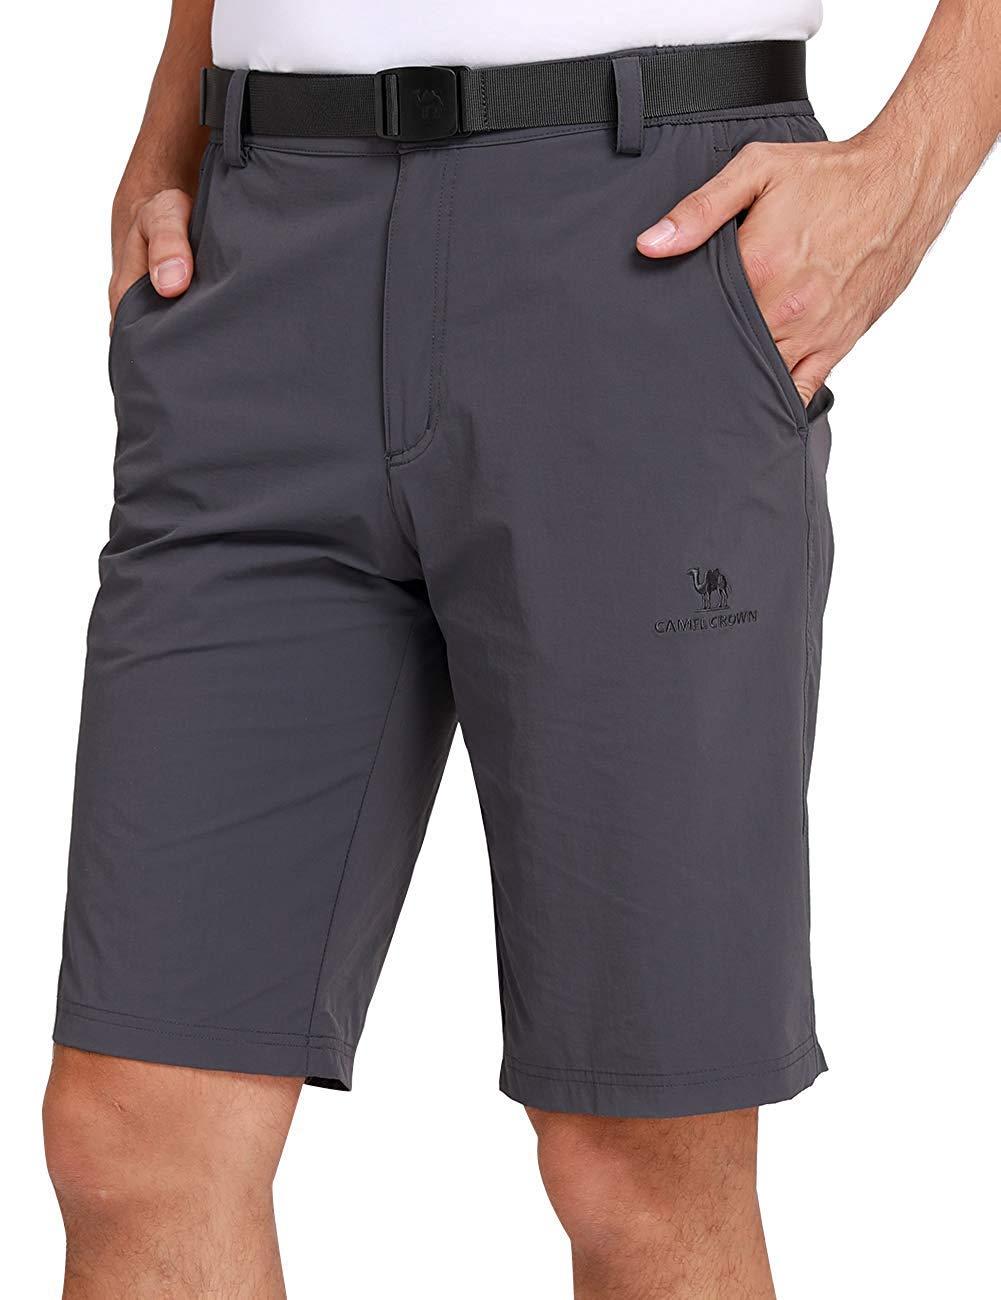 CAMEL CROWN Herren Cargo Shorts Schnell Trocknende Kurze Hose Sweatshorts Leicht Bequem Sommer Shorts mit Taschen Halb Elastische Taille Freizeithose f/ür M/änner Outdoor